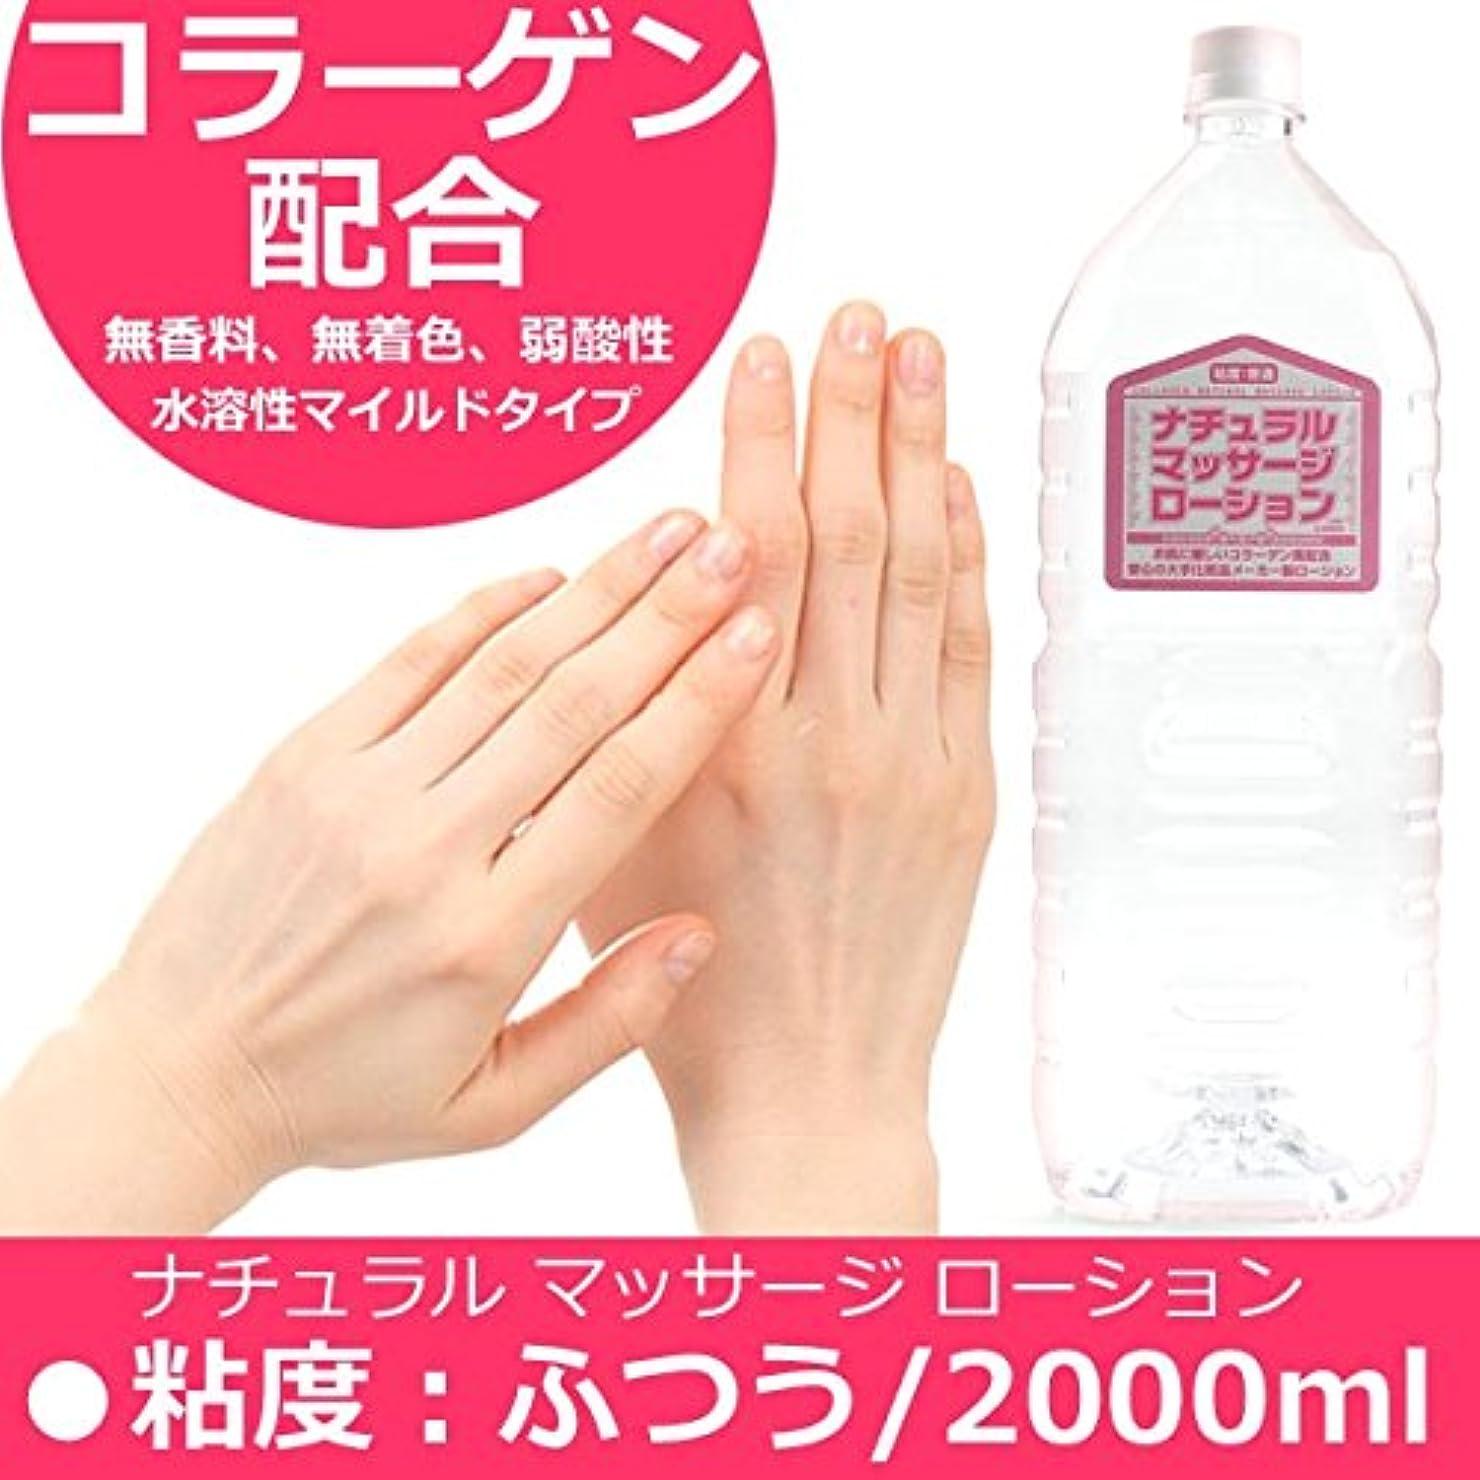 幹談話タイヤナチュラルマッサージ ローション 2000m 業務用の詰替えにも!!